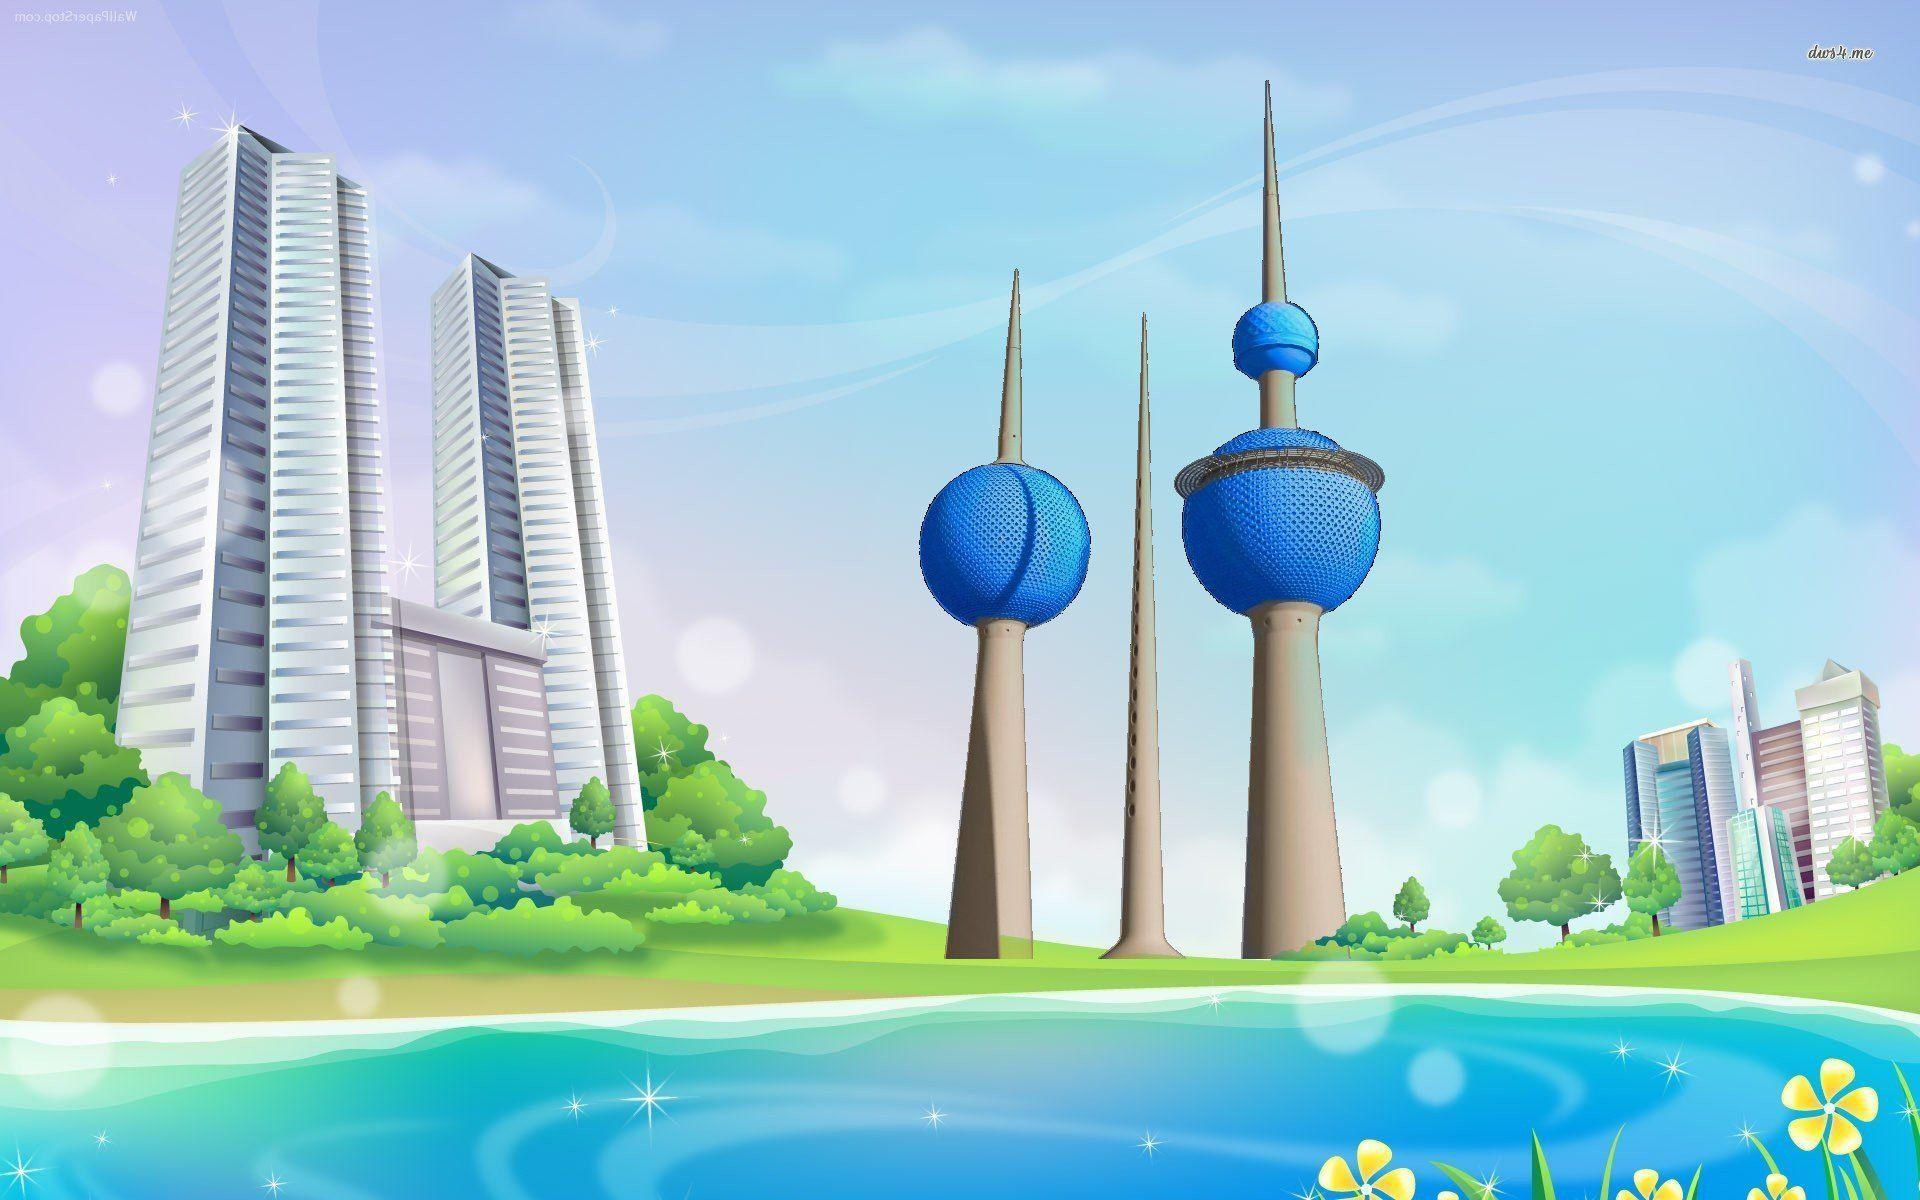 Pin by Waleed ALTHAWADI on Kuwait Kuwait national day